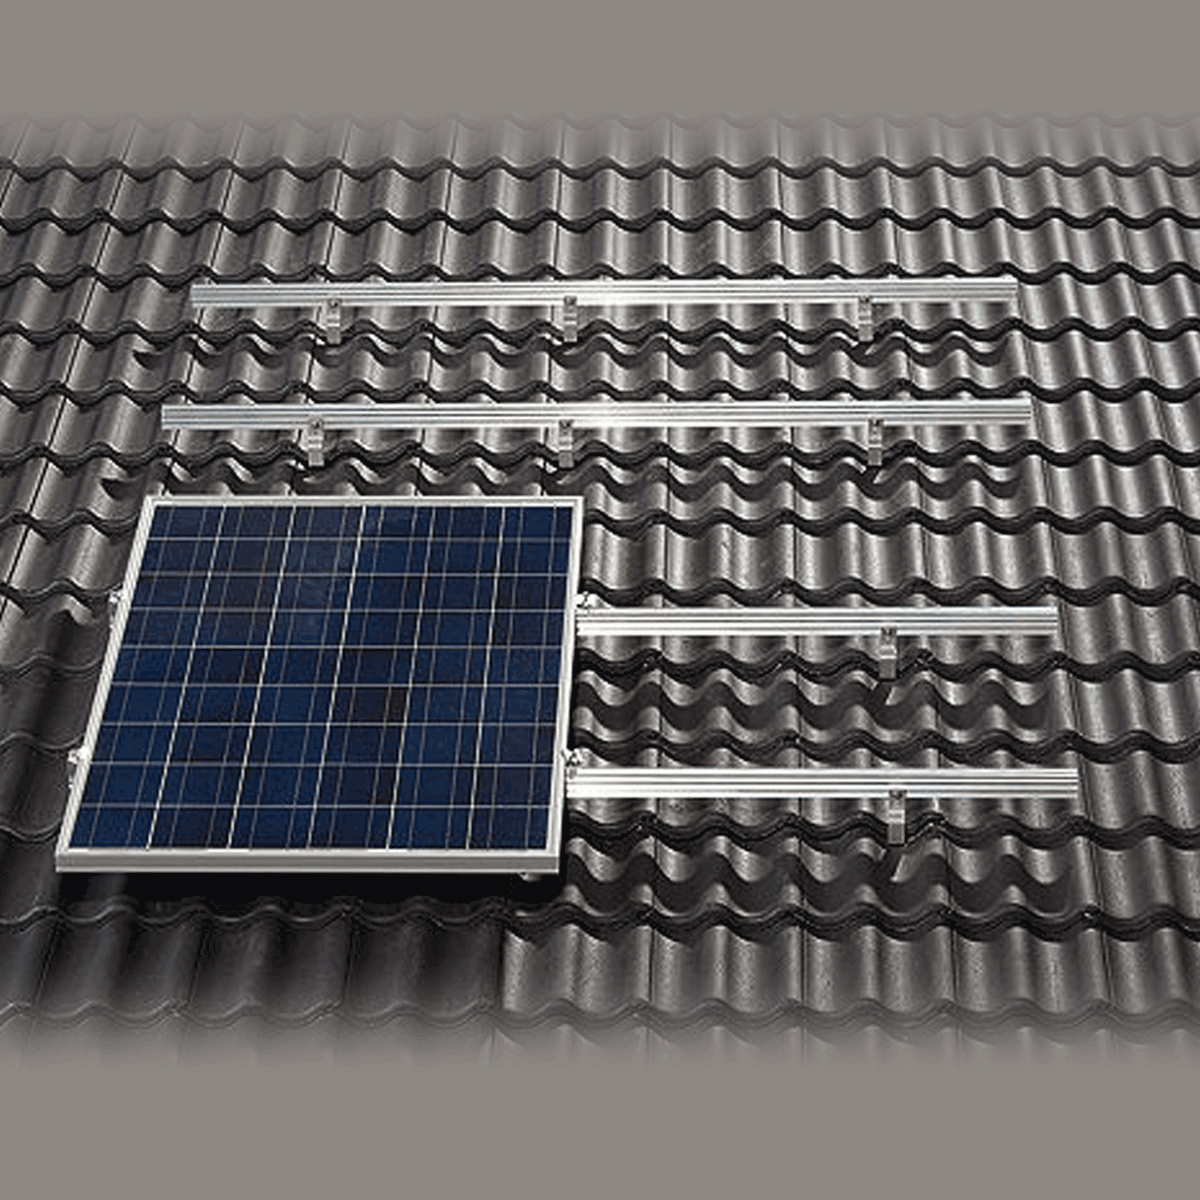 fixation toiture variosole 8 panneaux. Black Bedroom Furniture Sets. Home Design Ideas